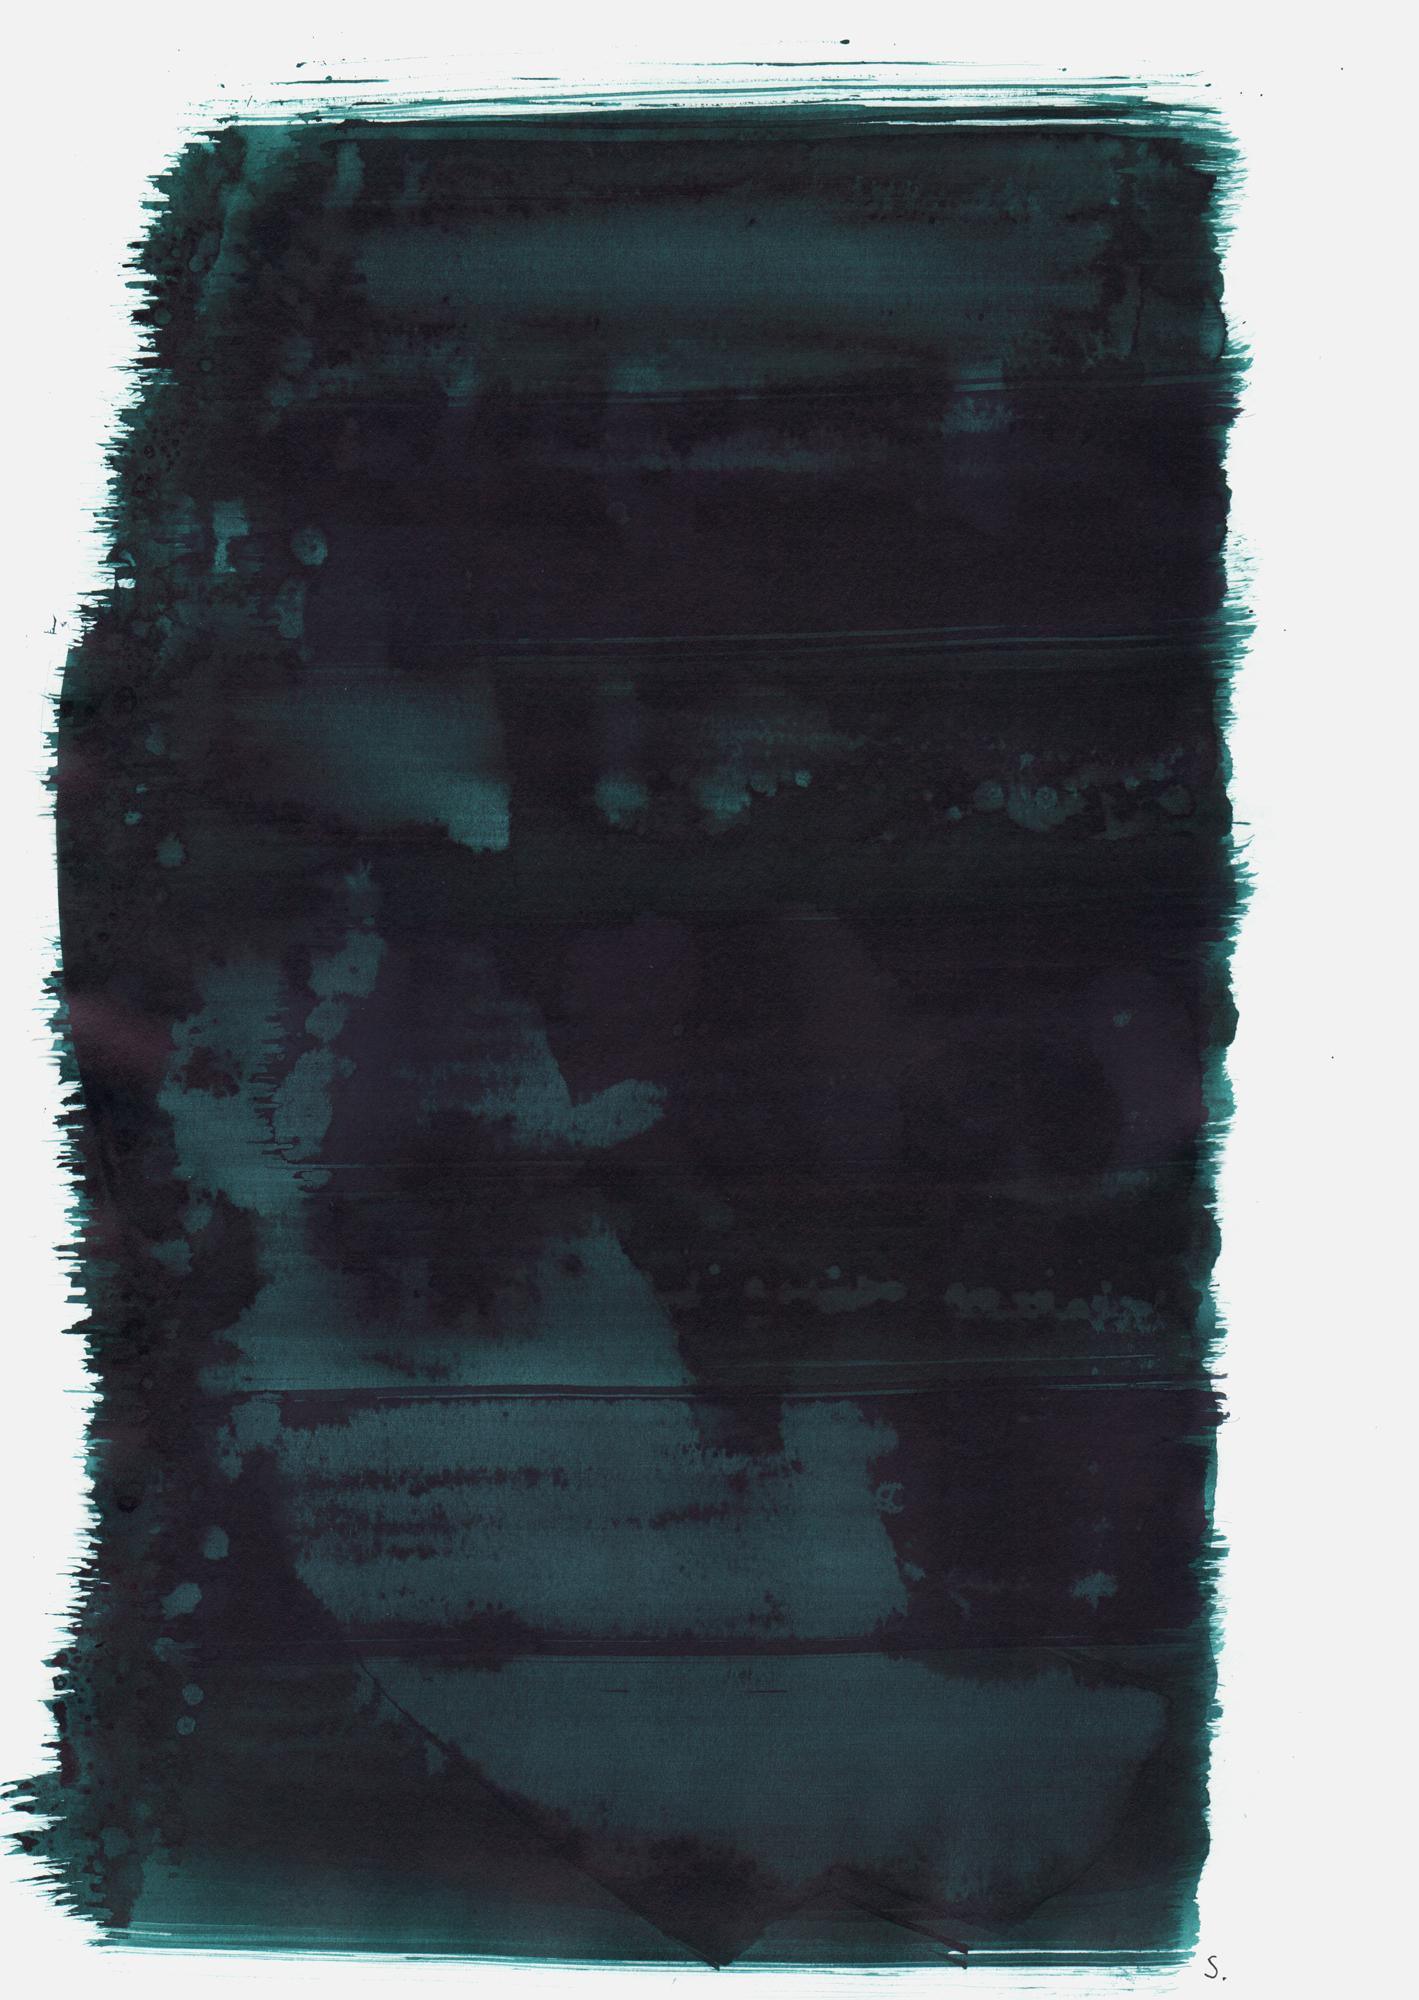 """""""An Dittmar van Wien"""", 2019, Tusche auf Papier, 48 x 36cm; ©: Konstanze Sailer [Wien, Dittmar van; * 02.01.1928 in München; deportiert aus München; † 25.11.1941 in Kowno]"""